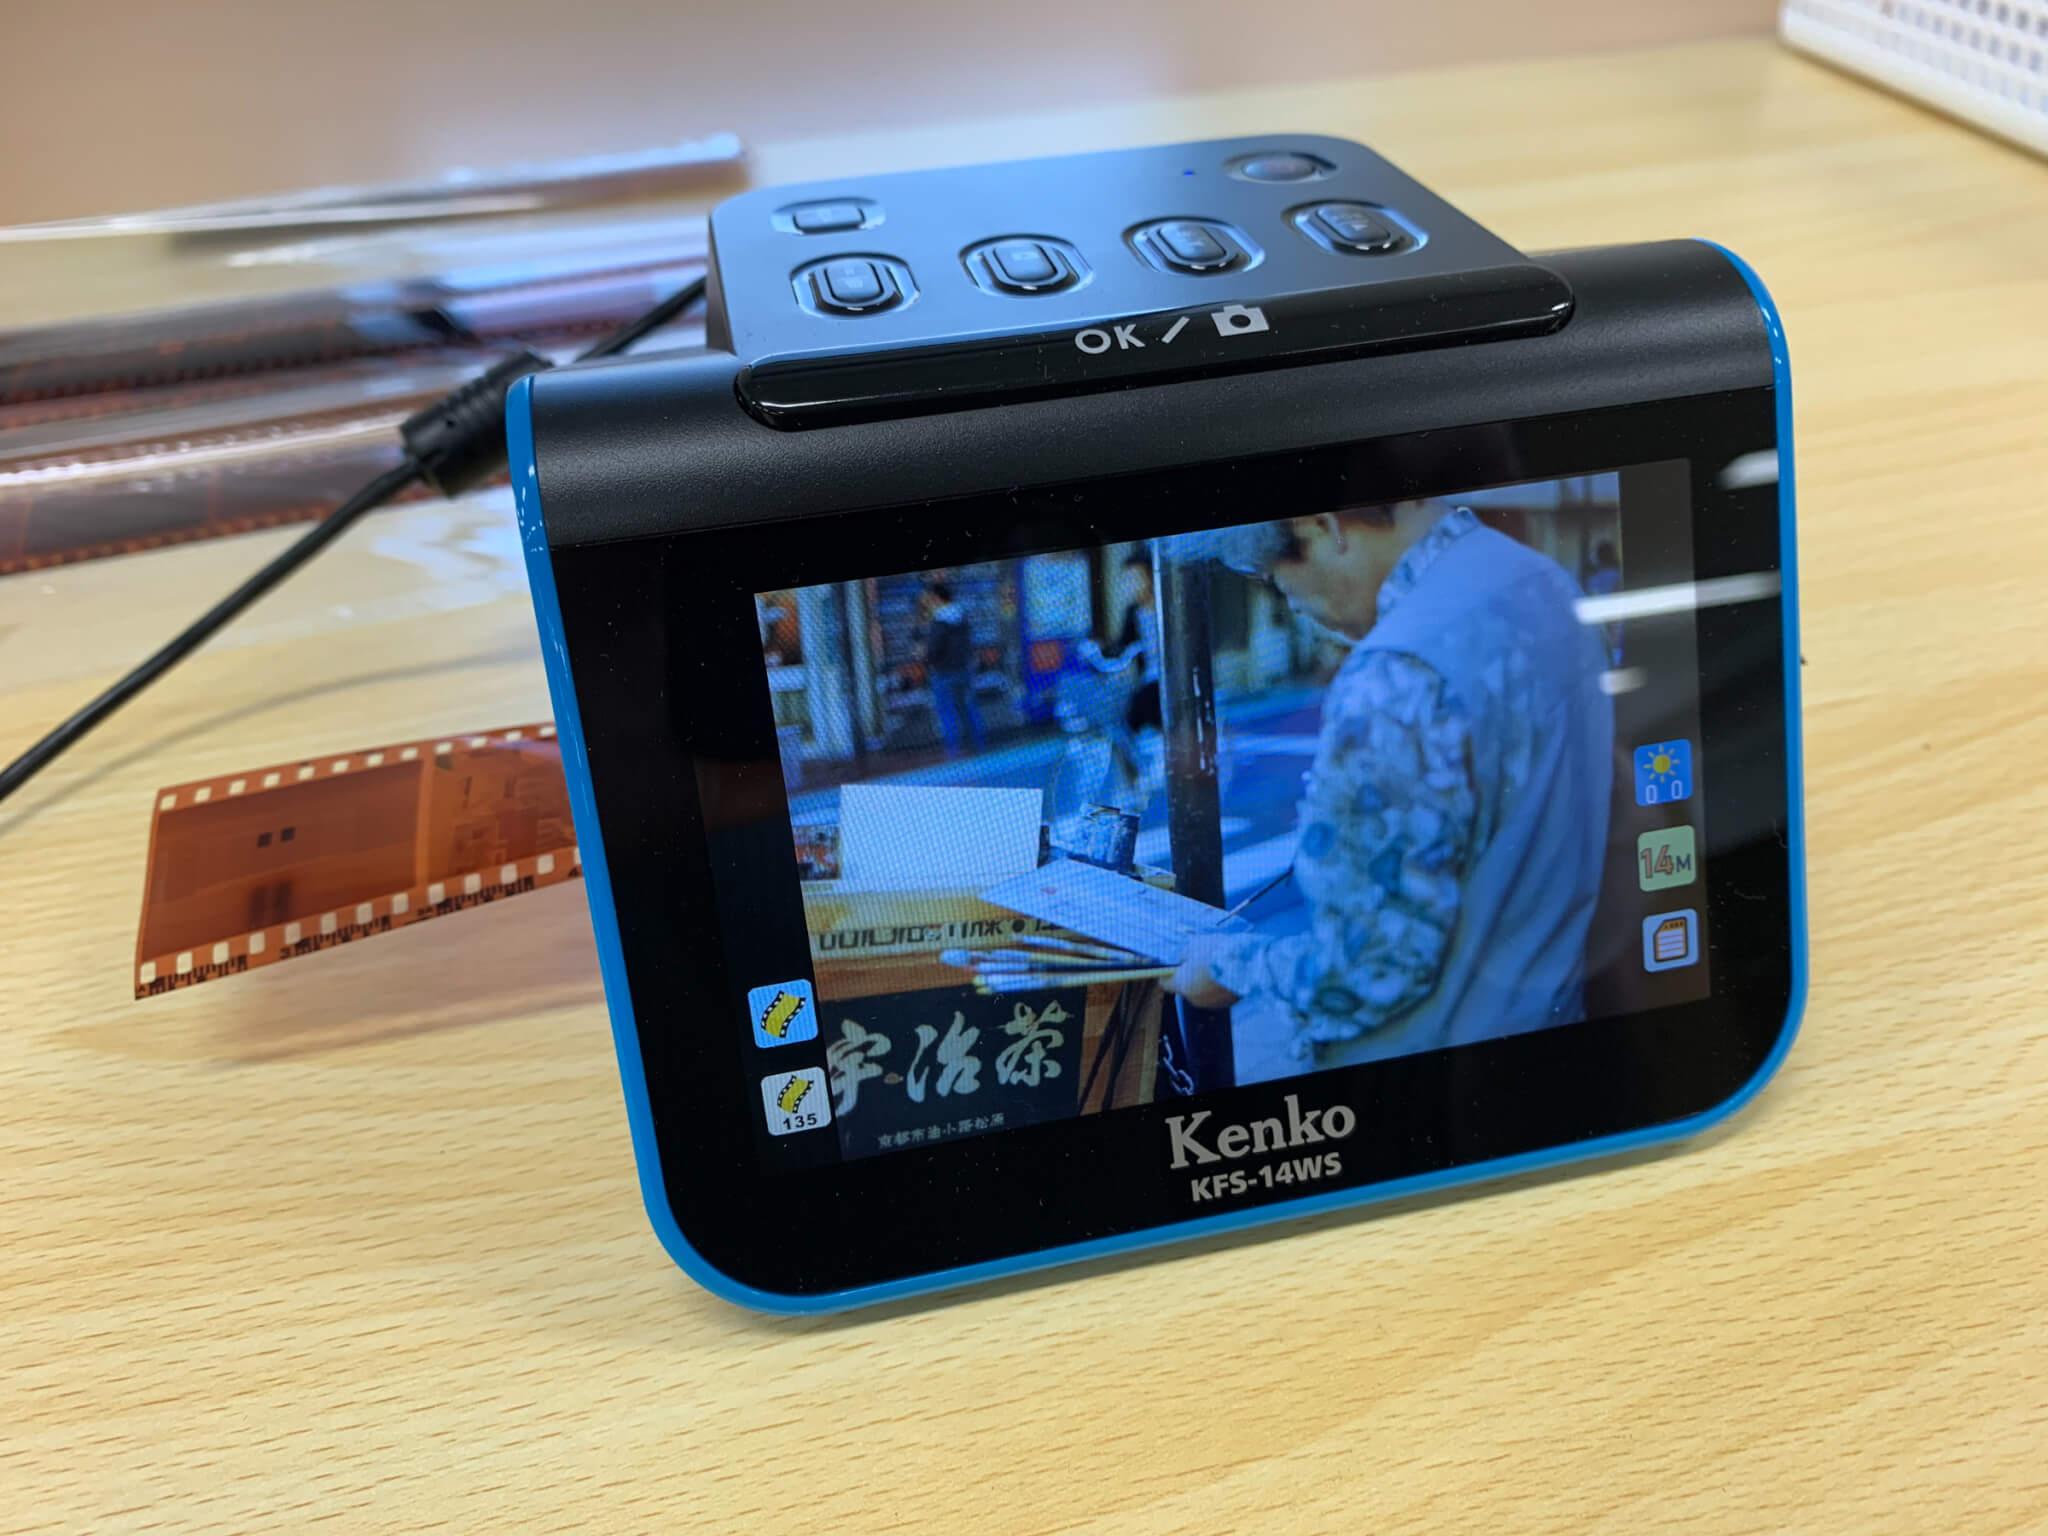 ケンコーのフィルムスキャナー KFS-14WSのスキャン手順